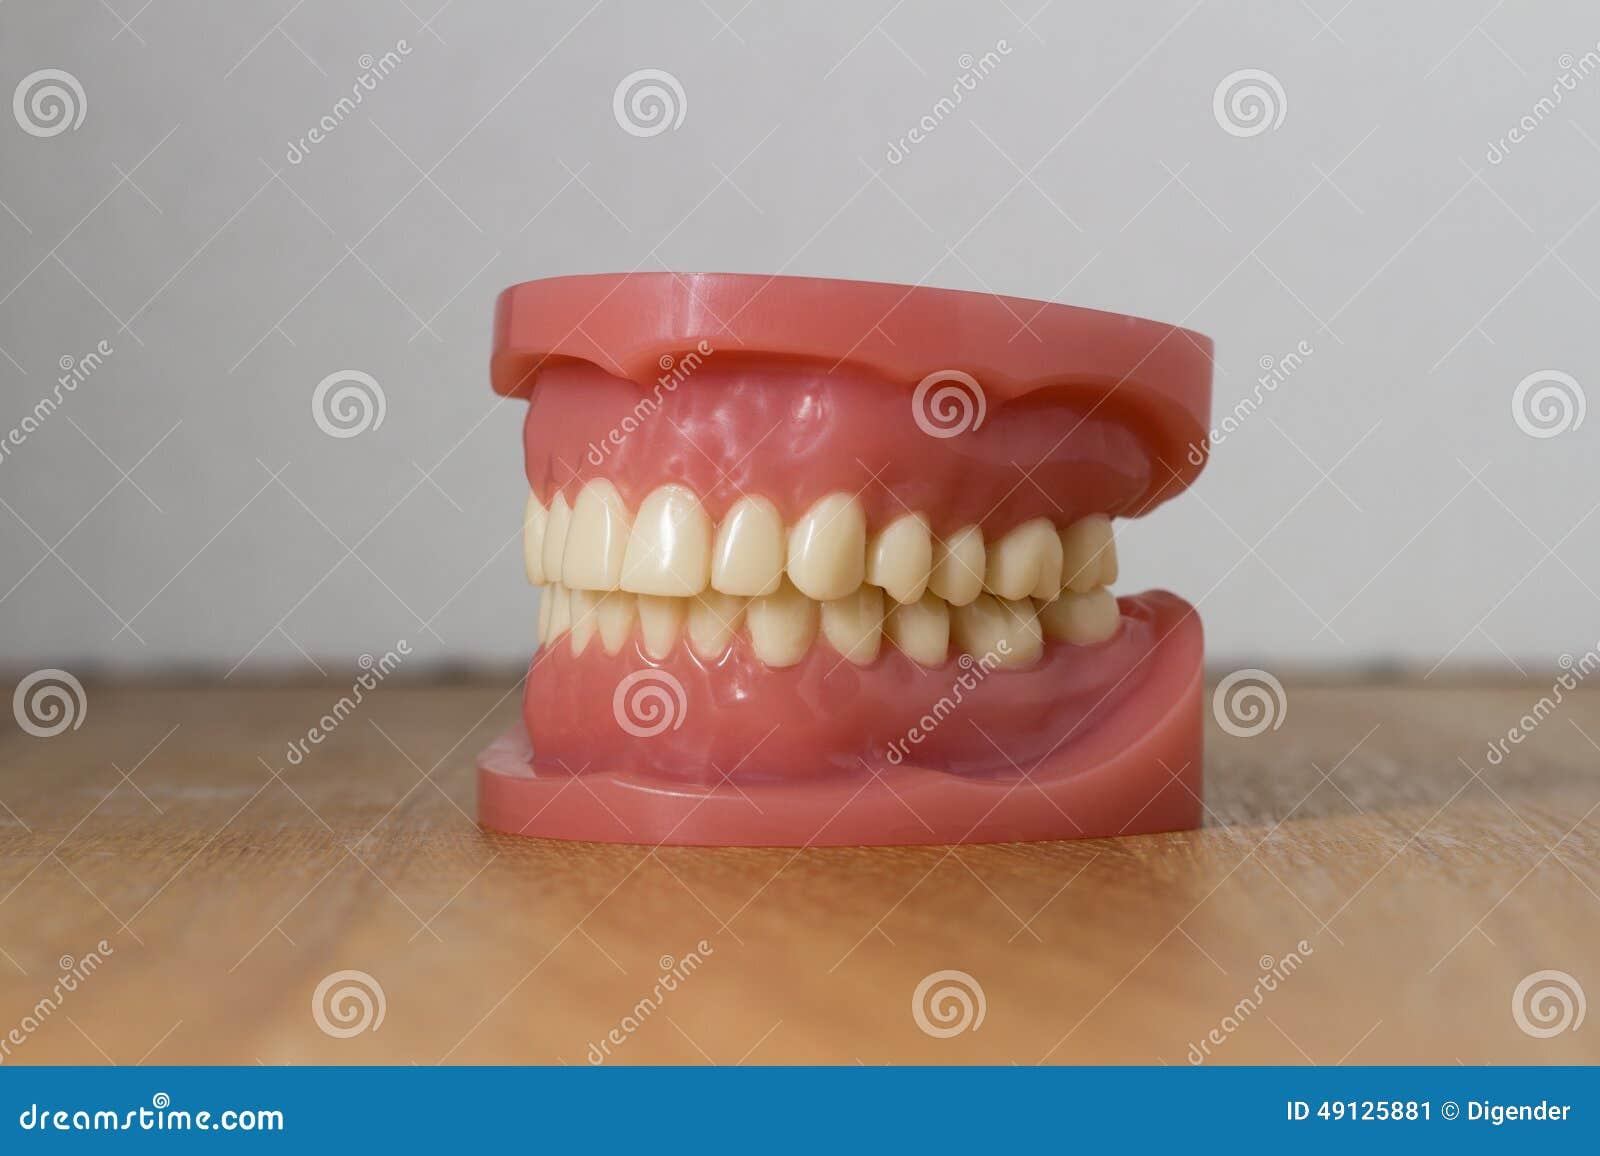 Sistema de dientes falsos artificiales